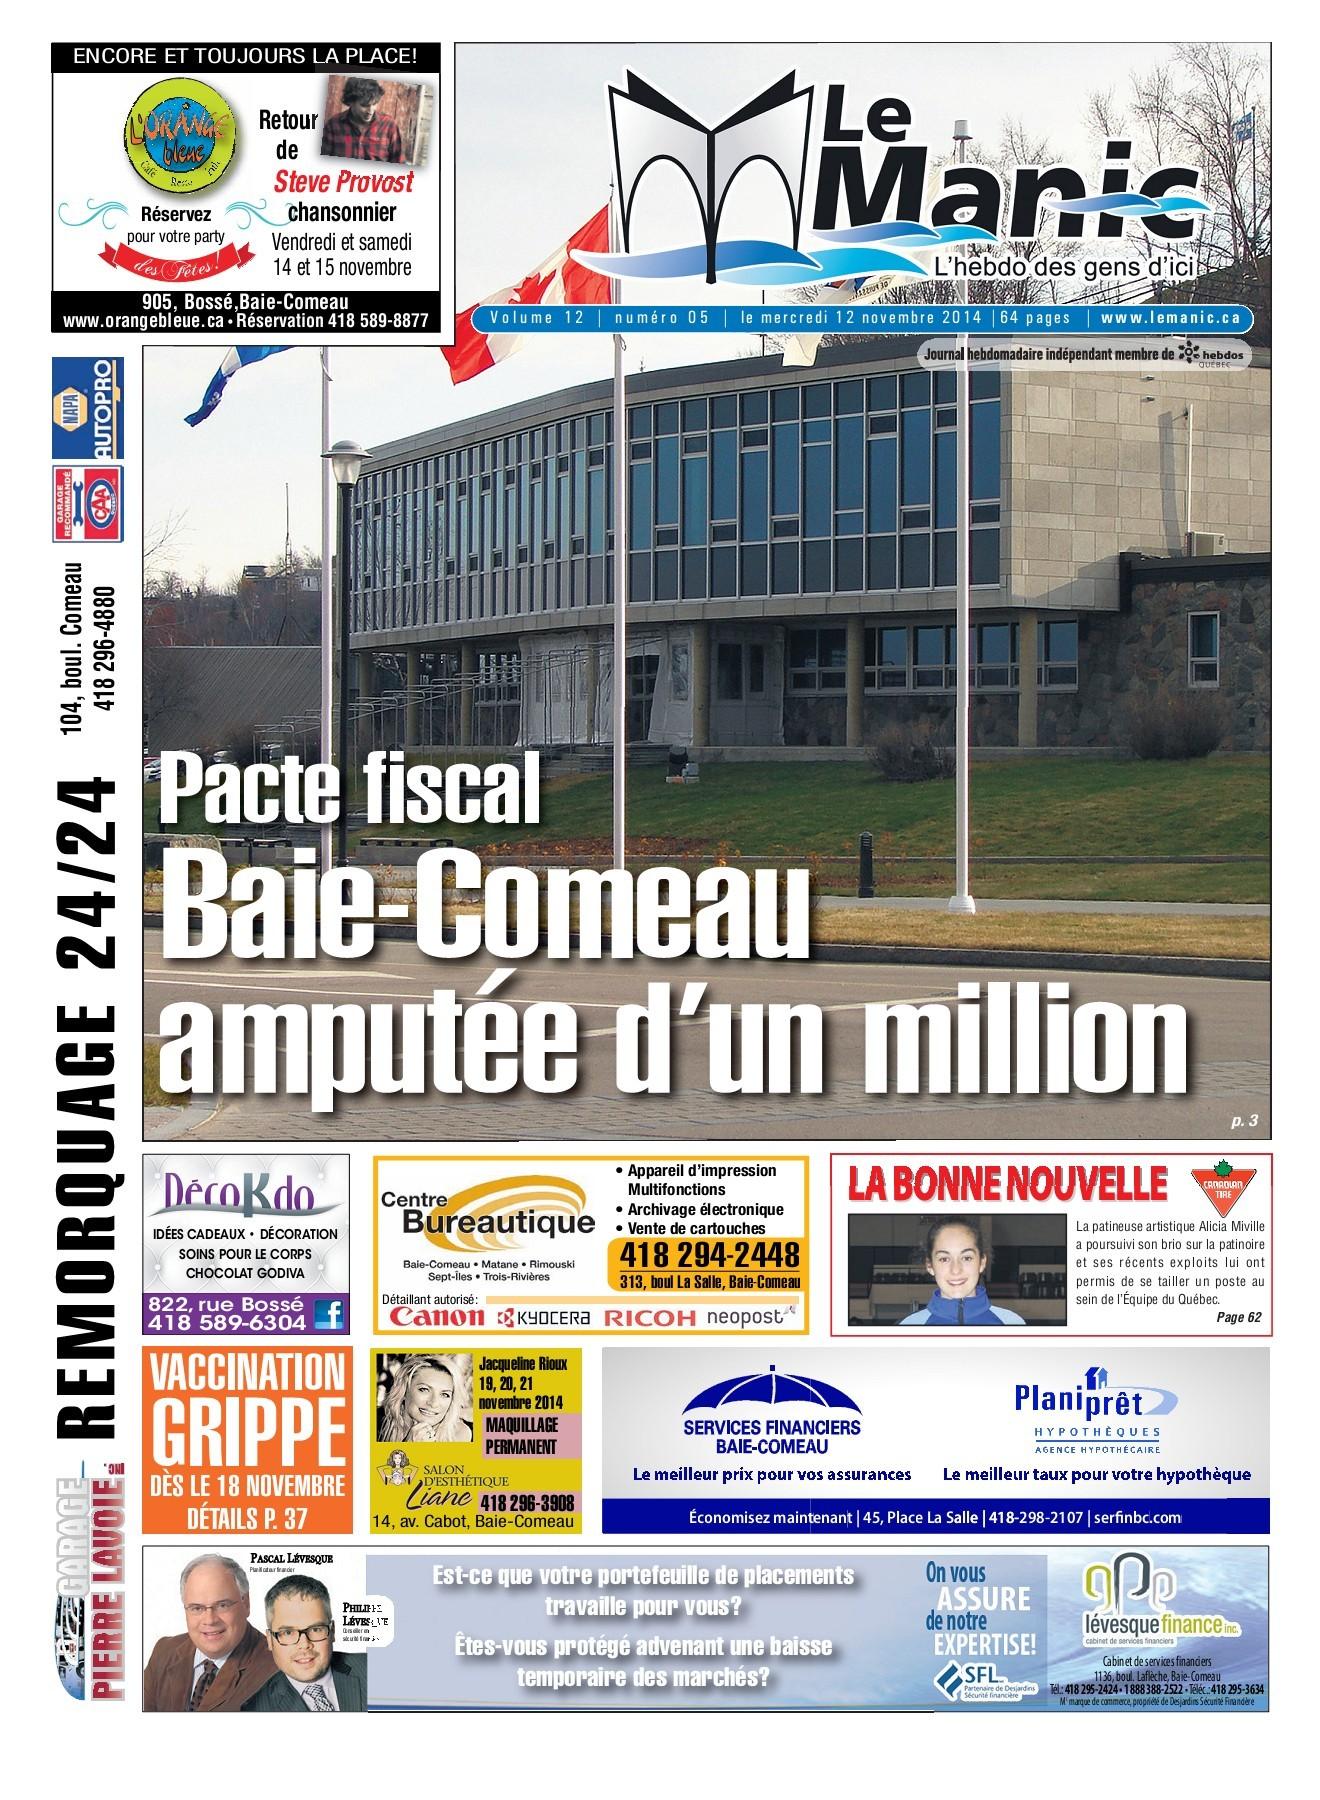 Menu De Noel Leclerc Charmant Le Manic 12 Novembre 2014 Pages 1 50 Text Version Of 37 Élégant Menu De Noel Leclerc